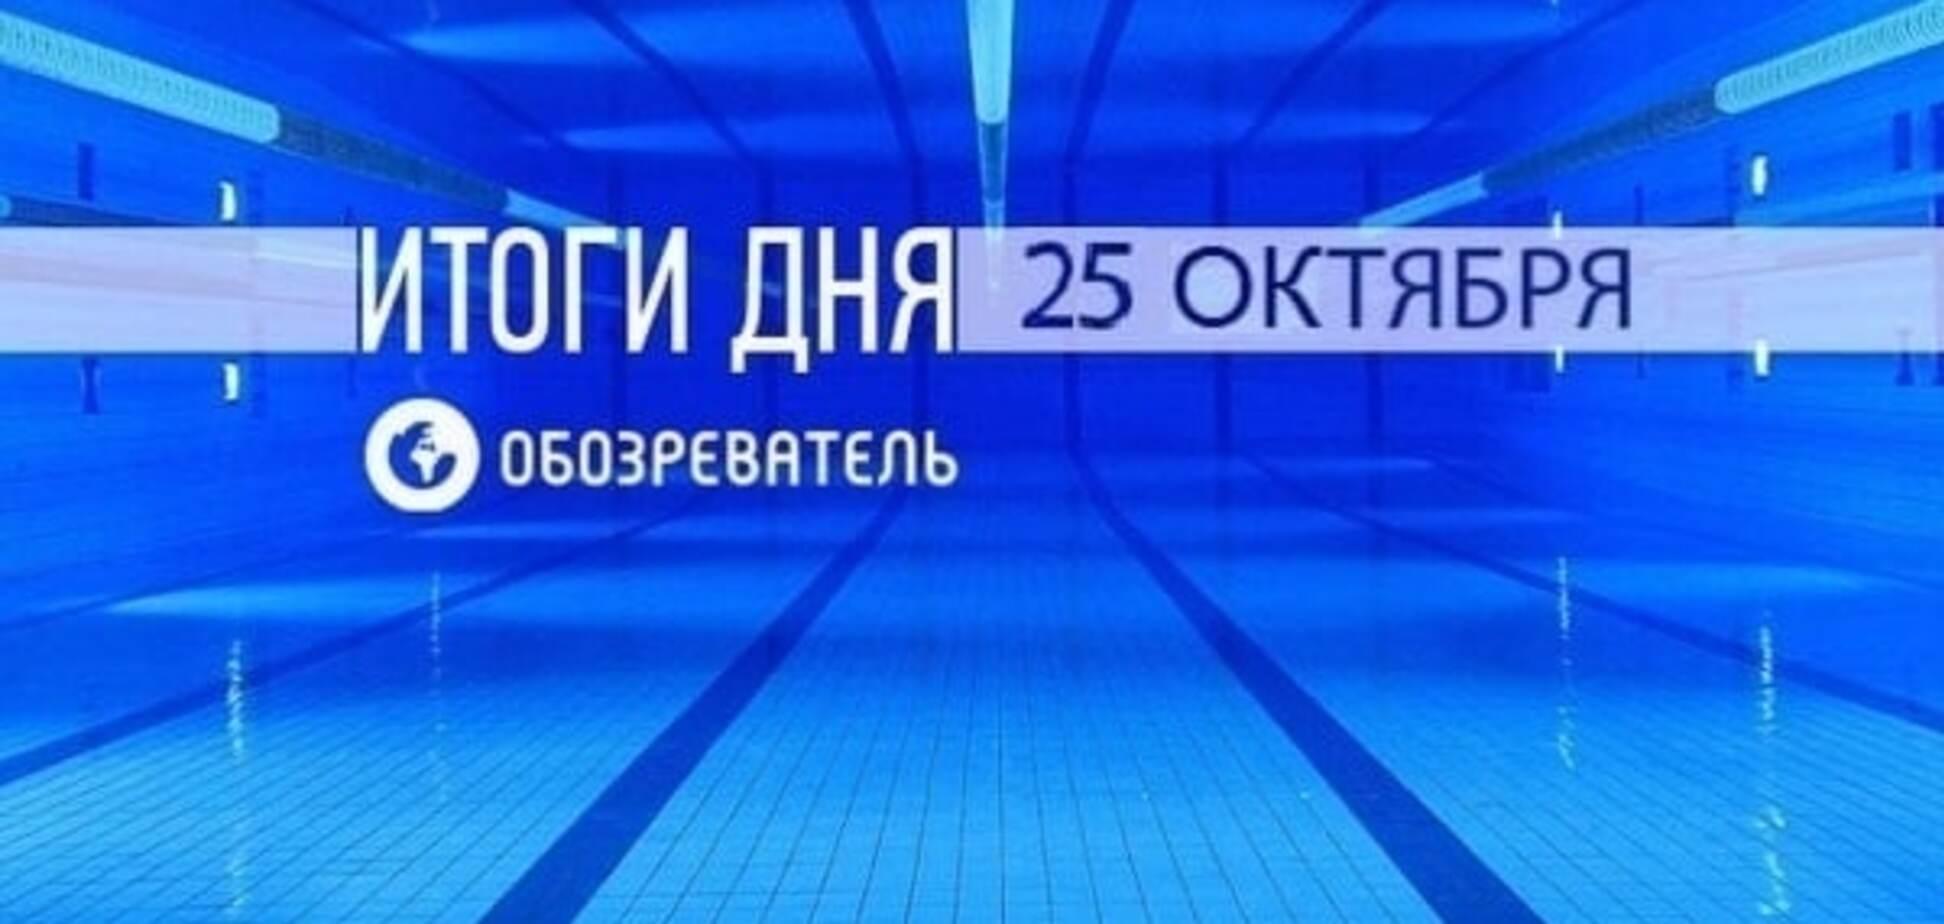 Фото Клочкової та Повєткіна підкорили інтернет. Спортивні підсумки за 25 жовтня